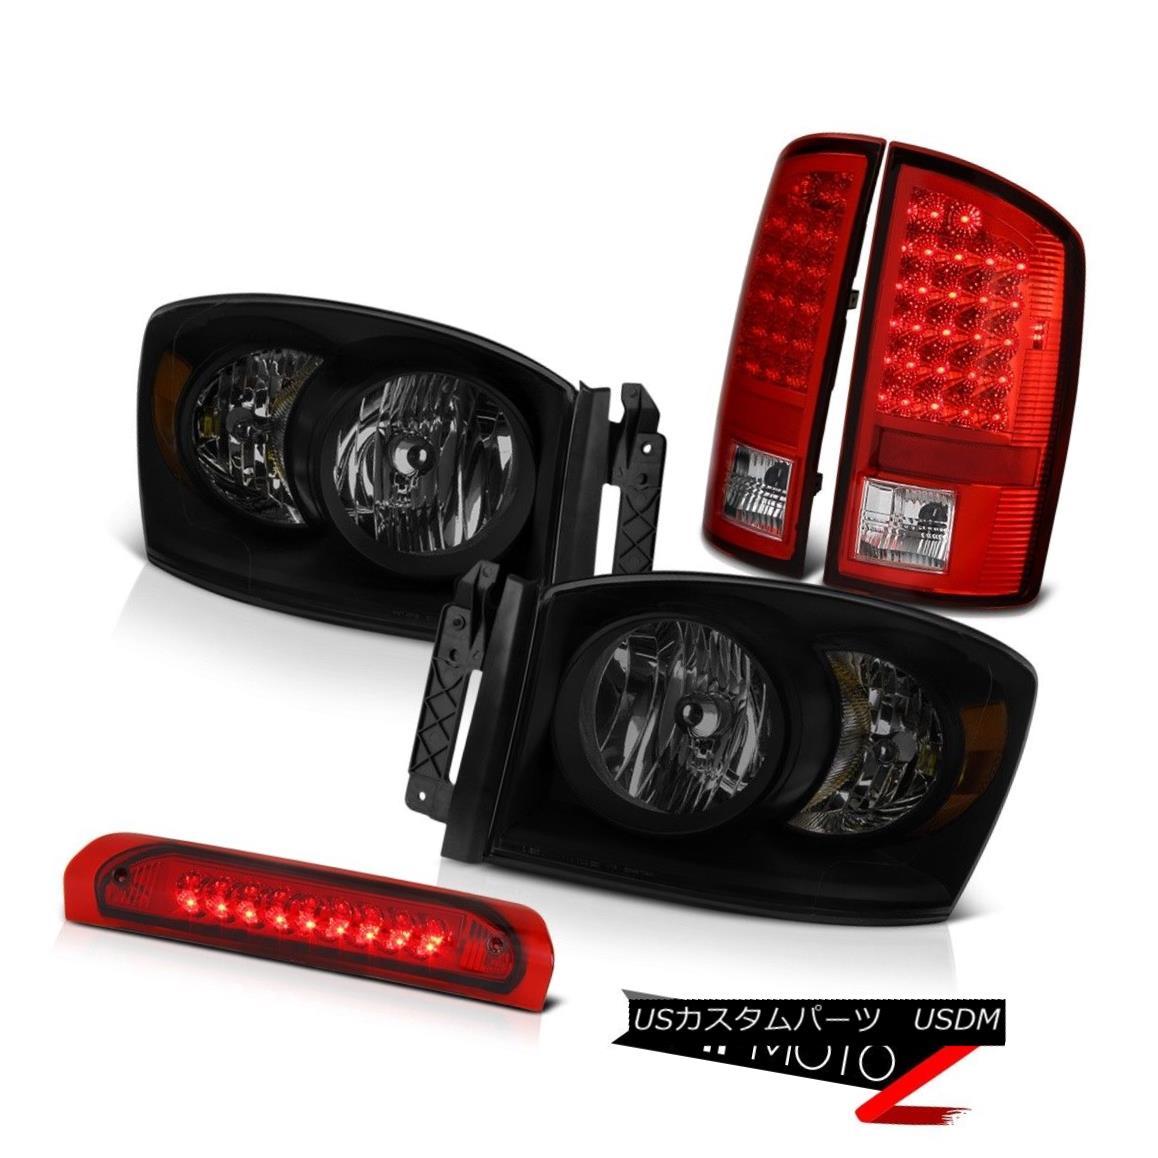 ヘッドライト 2006 Ram 2500 3500 Darkest Smoke Headlamps Wine Red Roof Brake Lamp Tail Lights 2006 Ram 2500 3500 Darkest Smoke Headlampsワインレッド屋根用ブレーキランプテールライト